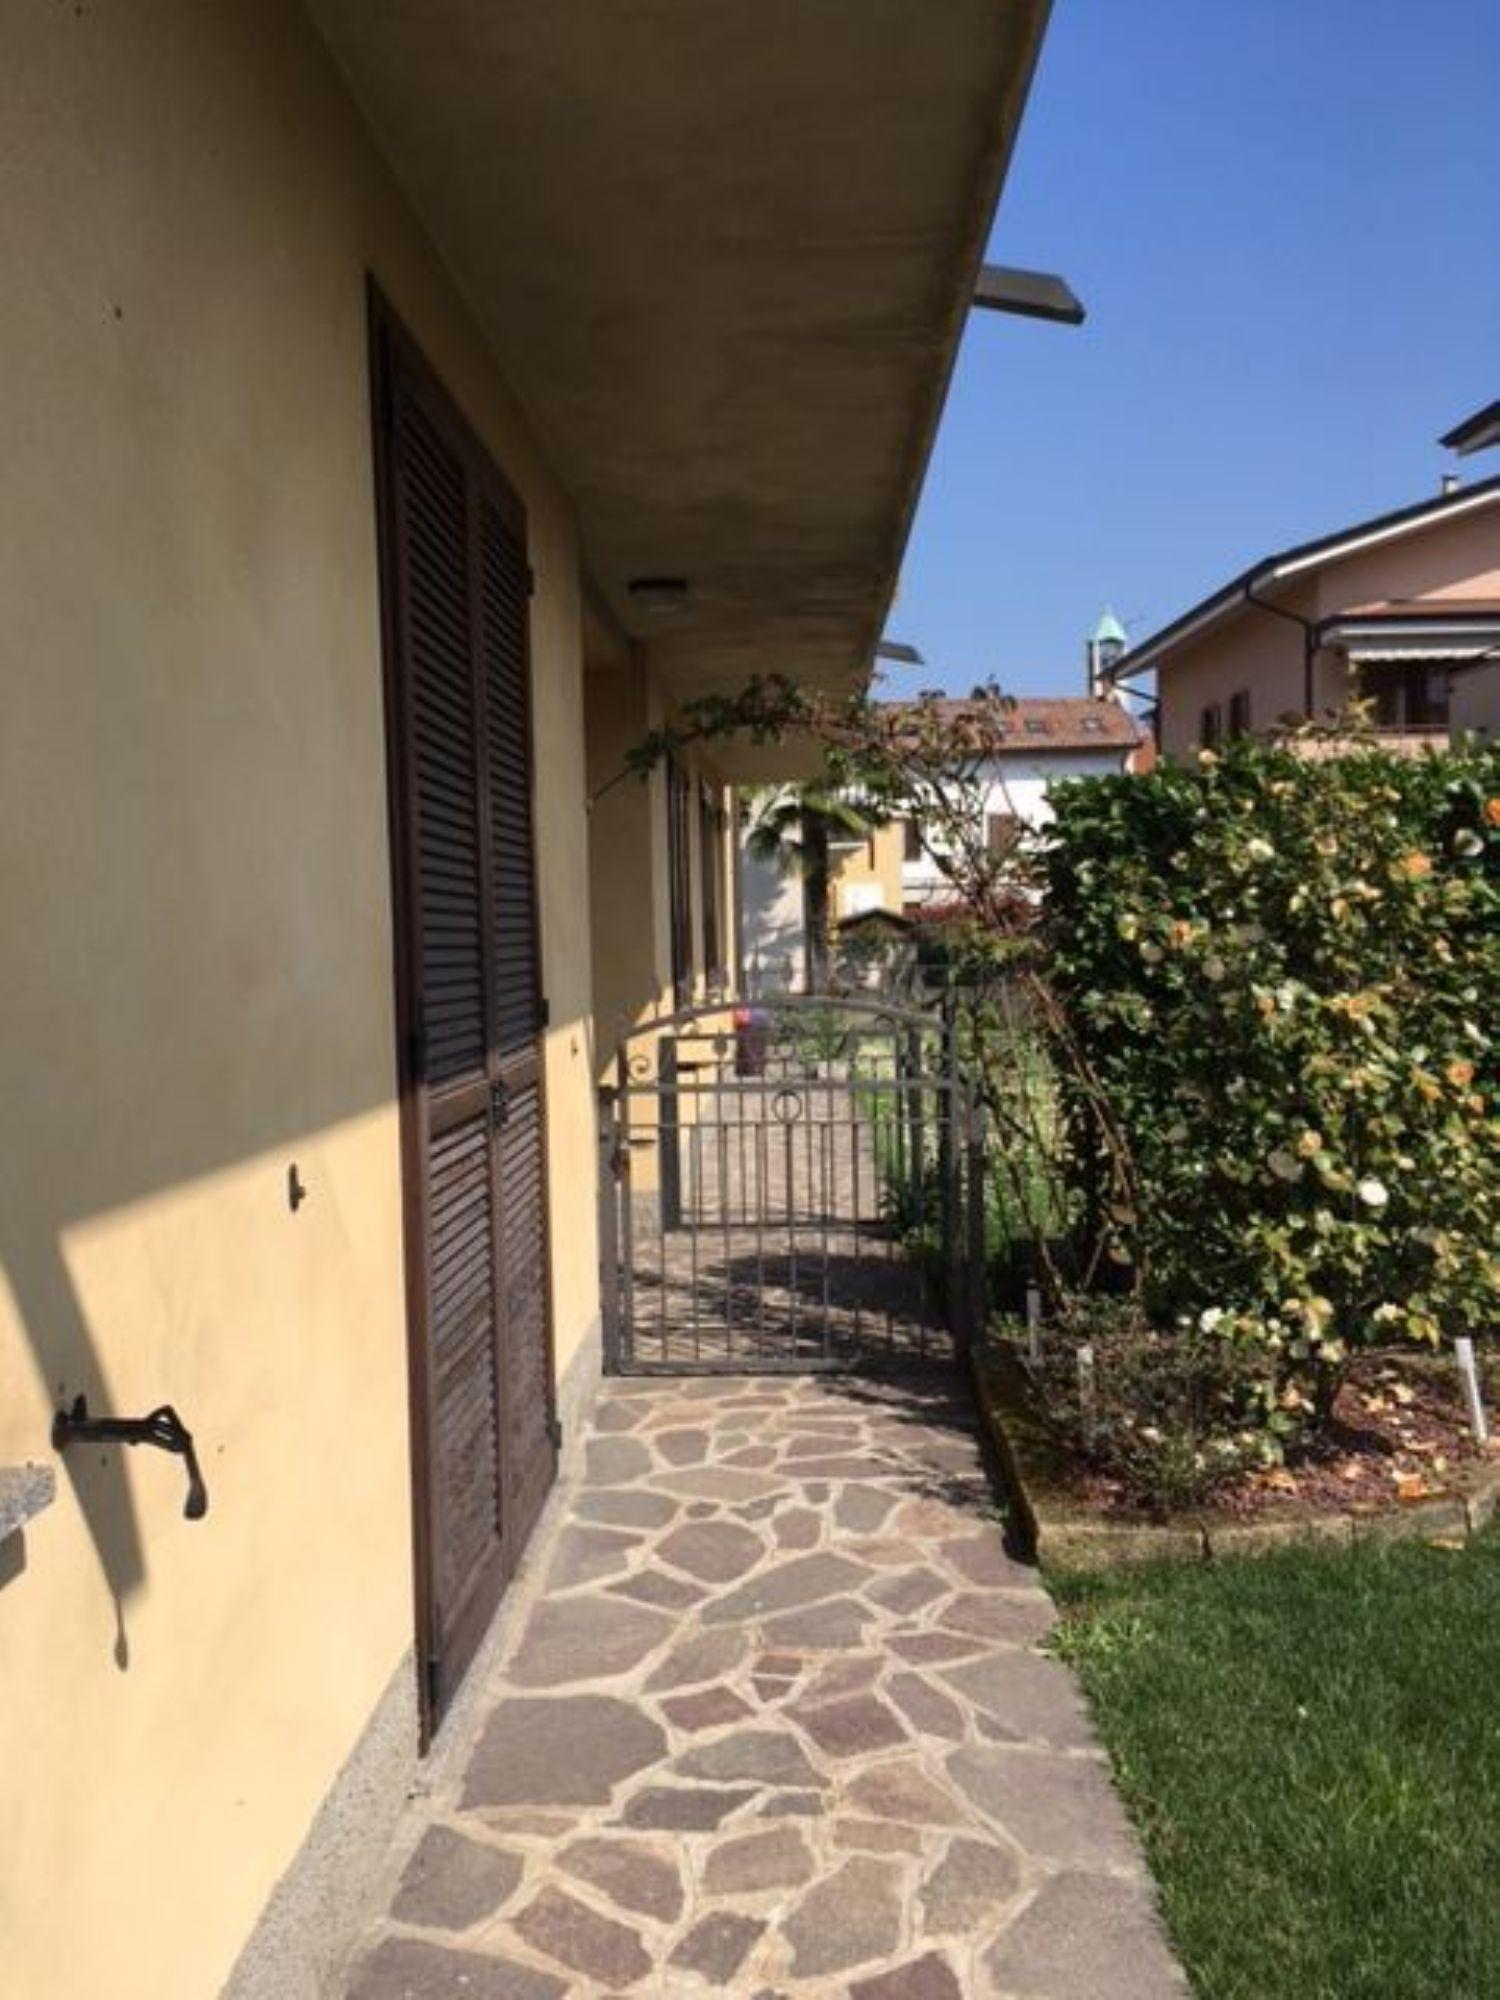 Duplex in affitto a Trezzano Rosa, 3 locali, prezzo € 600 | Cambio Casa.it